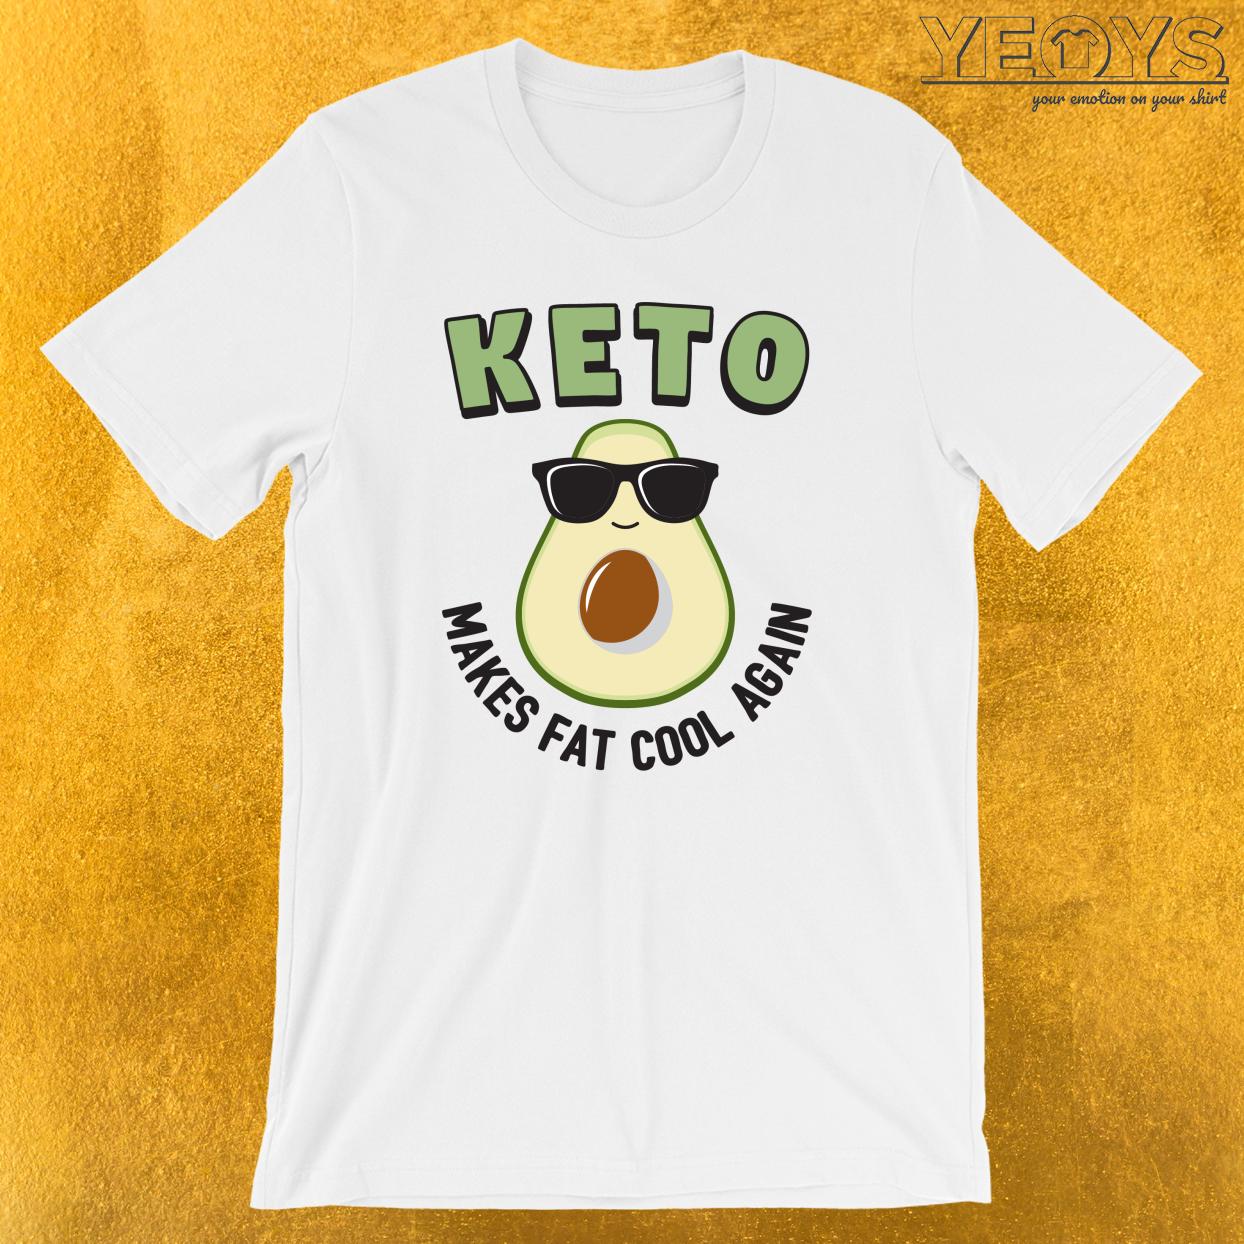 Keto Makes Fat Cool Again T-Shirt